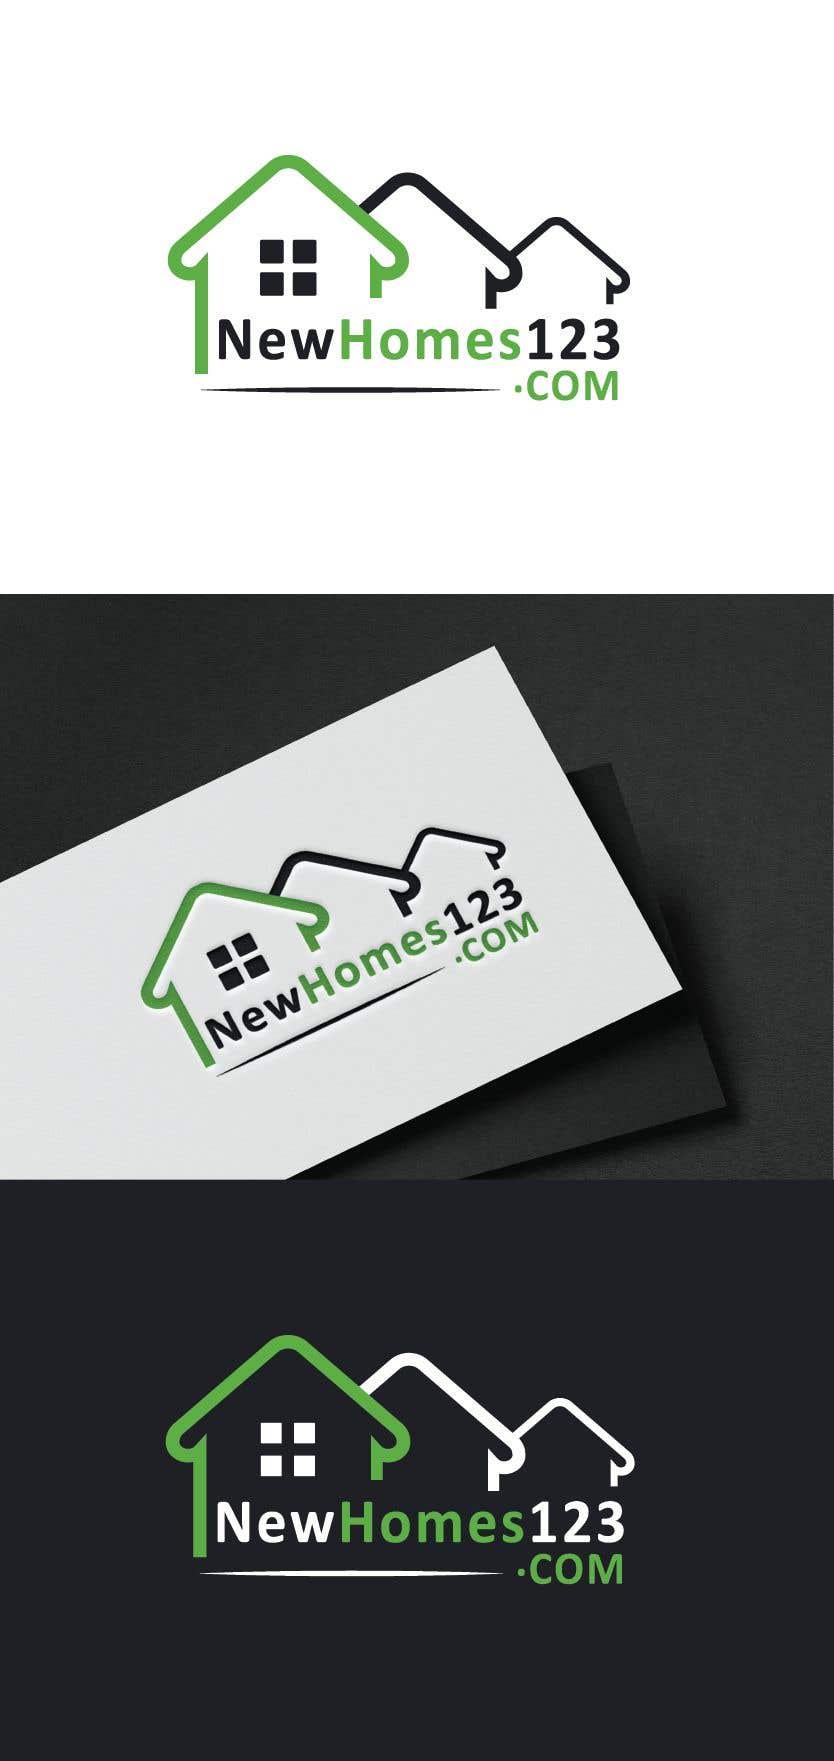 Kilpailutyö #124 kilpailussa need logo for new business